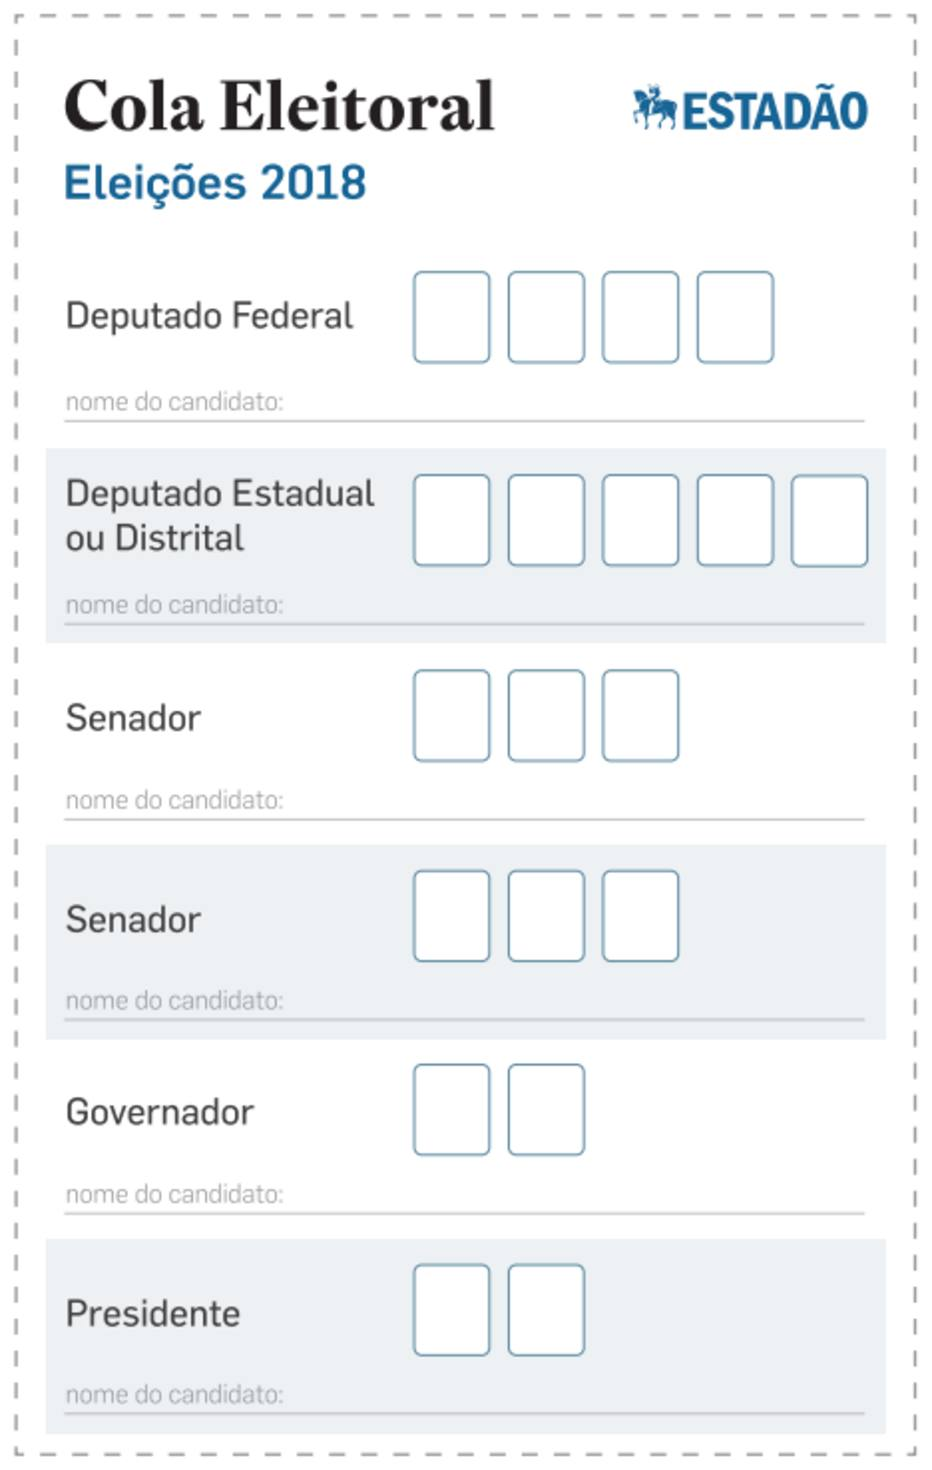 lique na imagem para abrir o arquivo em PDF e imprimir a cola eleitoral das eleições 2018